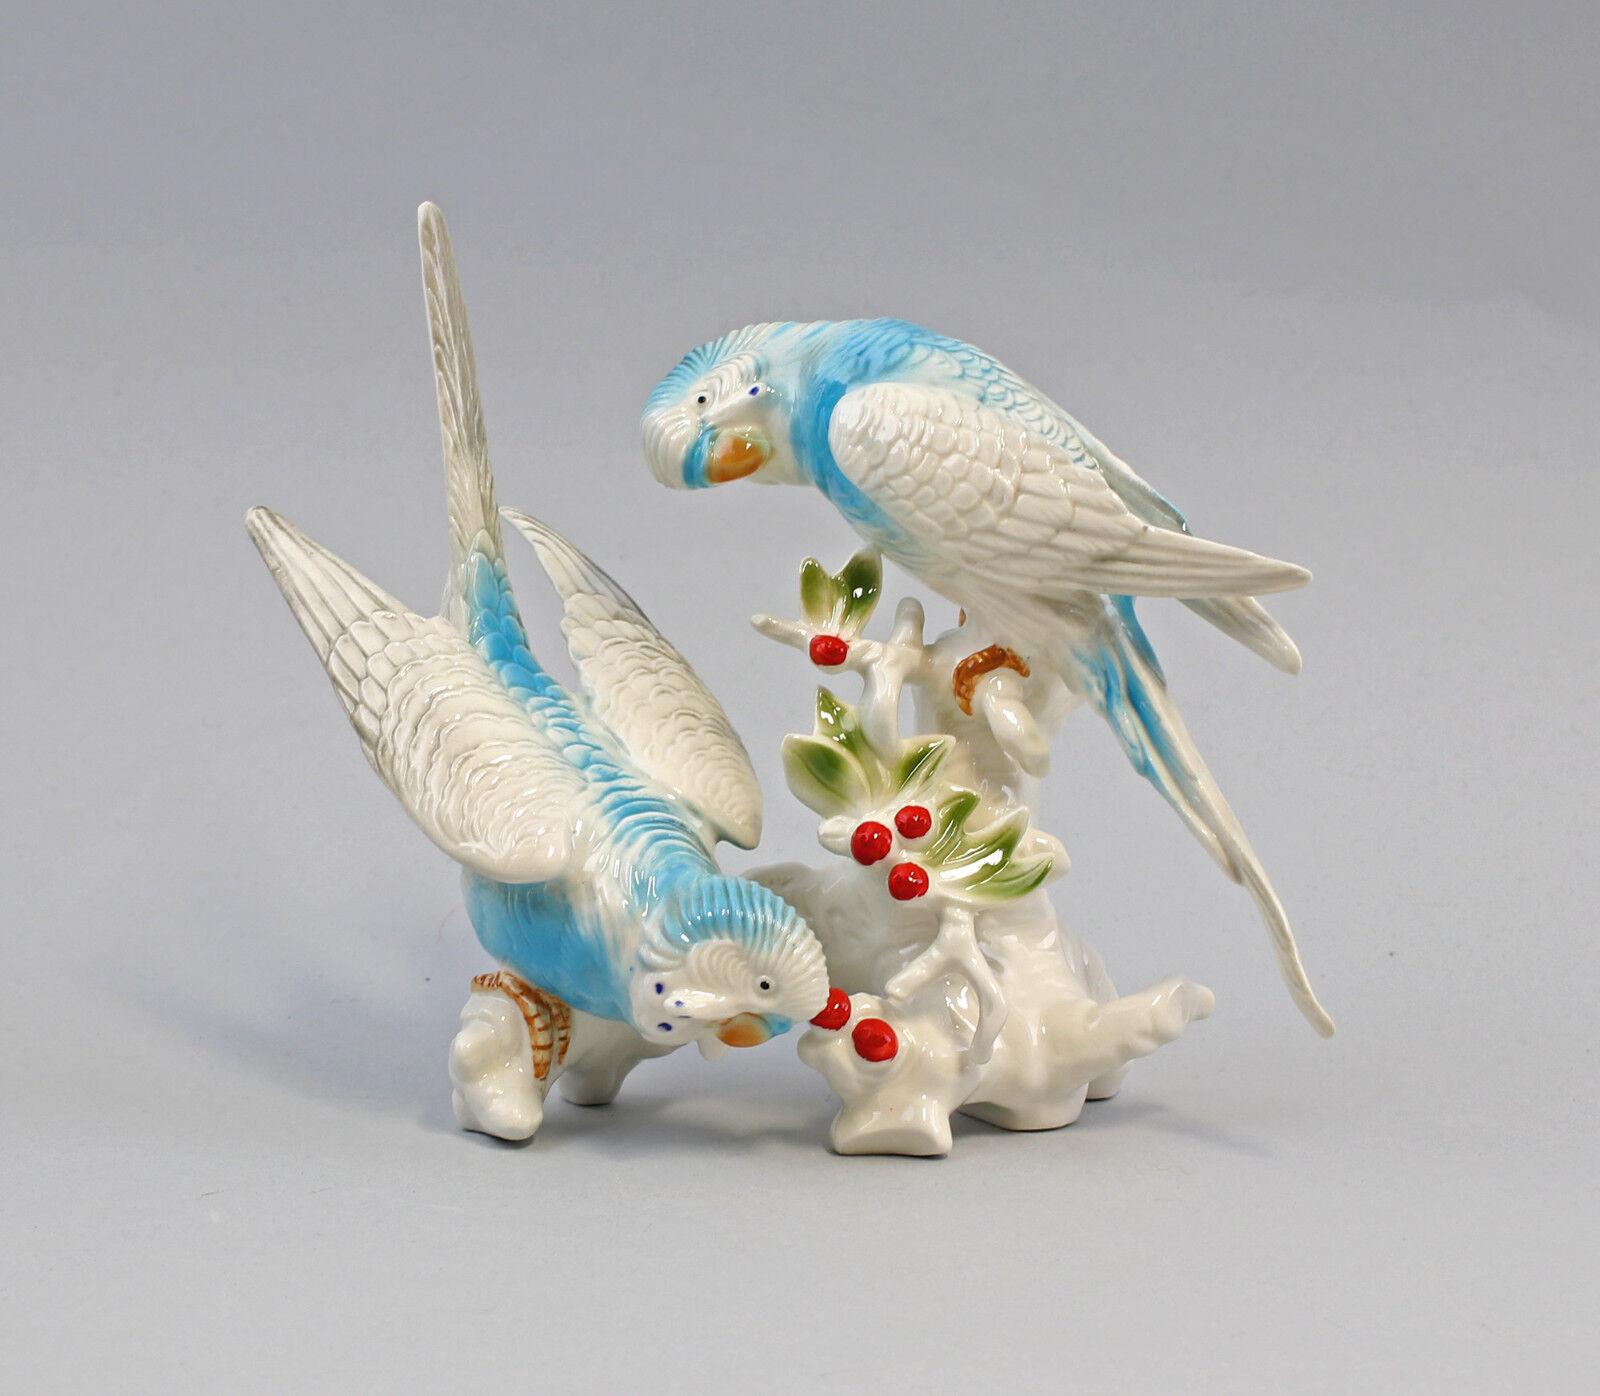 9959366 Porzellan Ens Figur Wellensittich-Paar türkis weiß 16x18cm